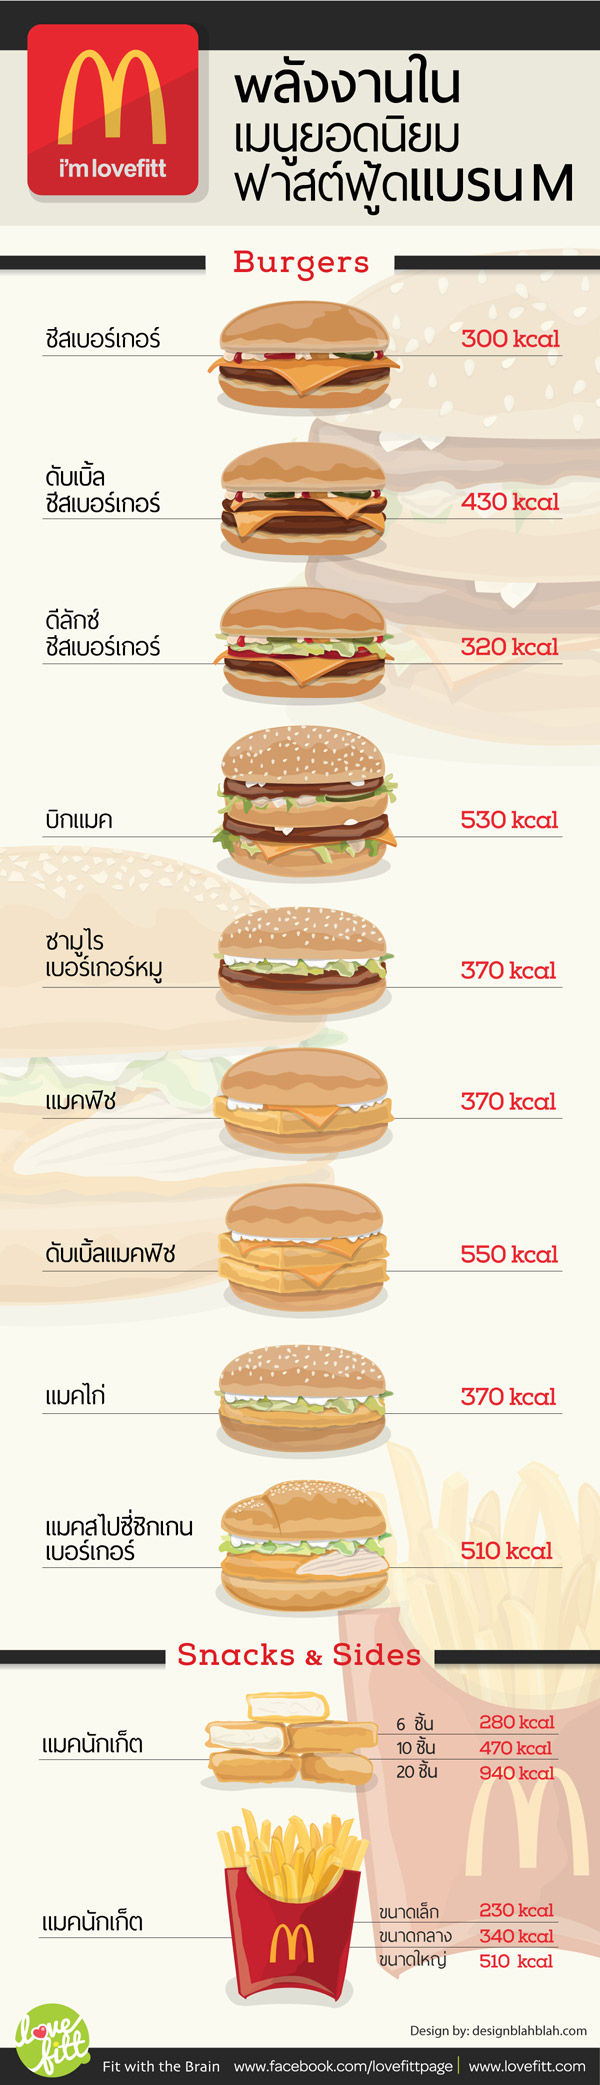 ปริมาณพลังงานอาหารในเมนูยอดนิยมของฟาสต์ฟู้ดแบรด์ M